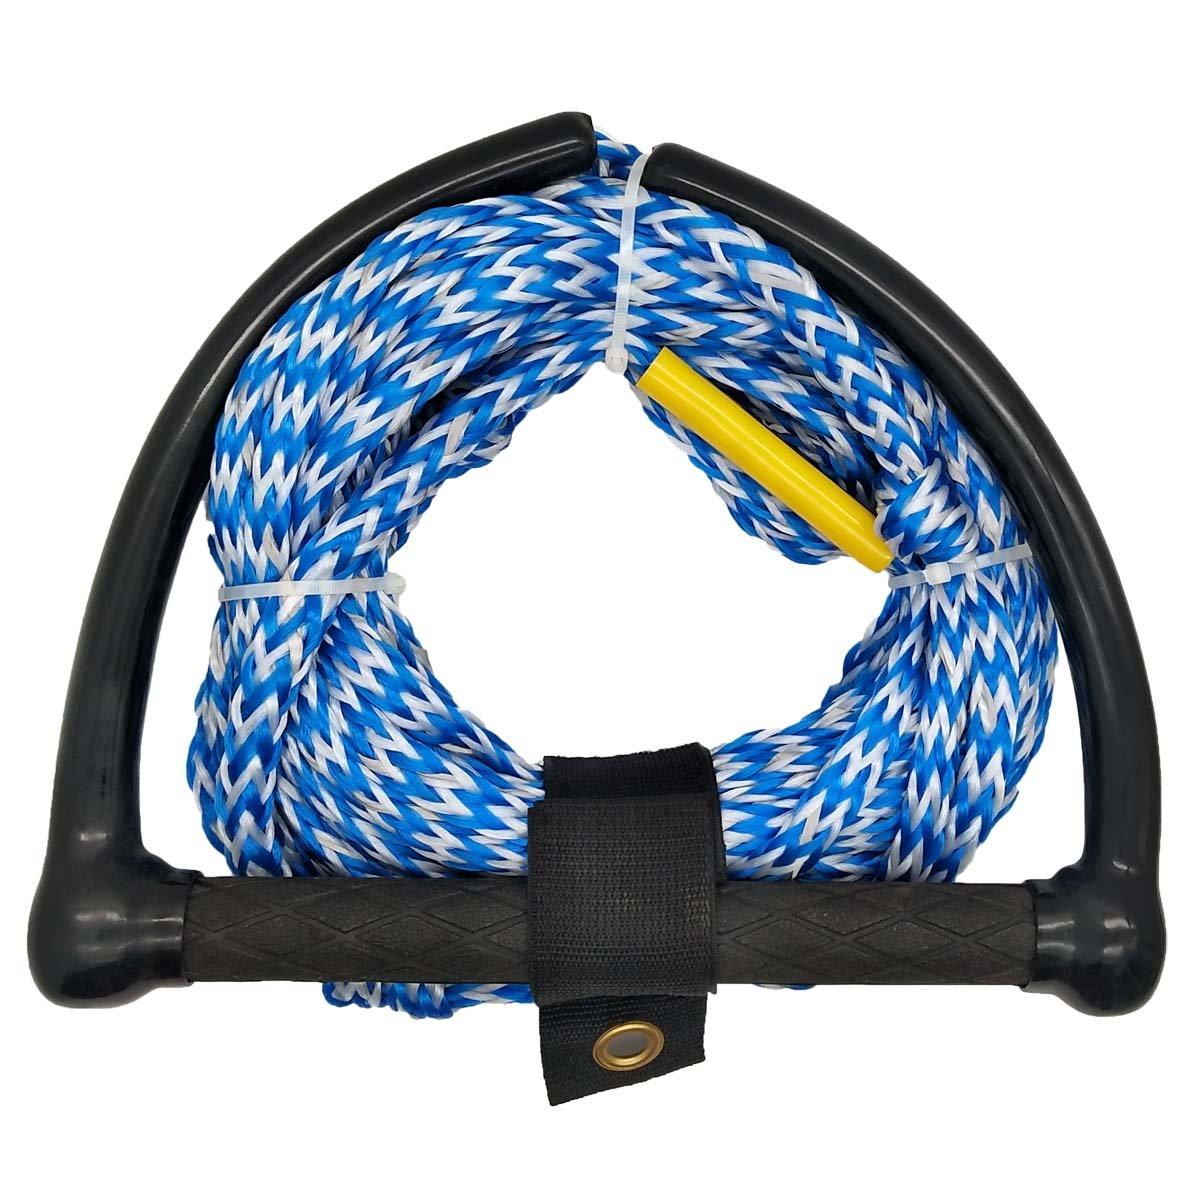 一番人気物 Jranter ウェイクボード ウォーター スキー 牽引ロープ モーターボート ウォータースポーツロープ feet EVAハンドル付き スキー B07MPMRV3H 70 70 feet ブルー ブルー 70 feet, カナディアン ギャラリー:369e6d85 --- arianechie.dominiotemporario.com